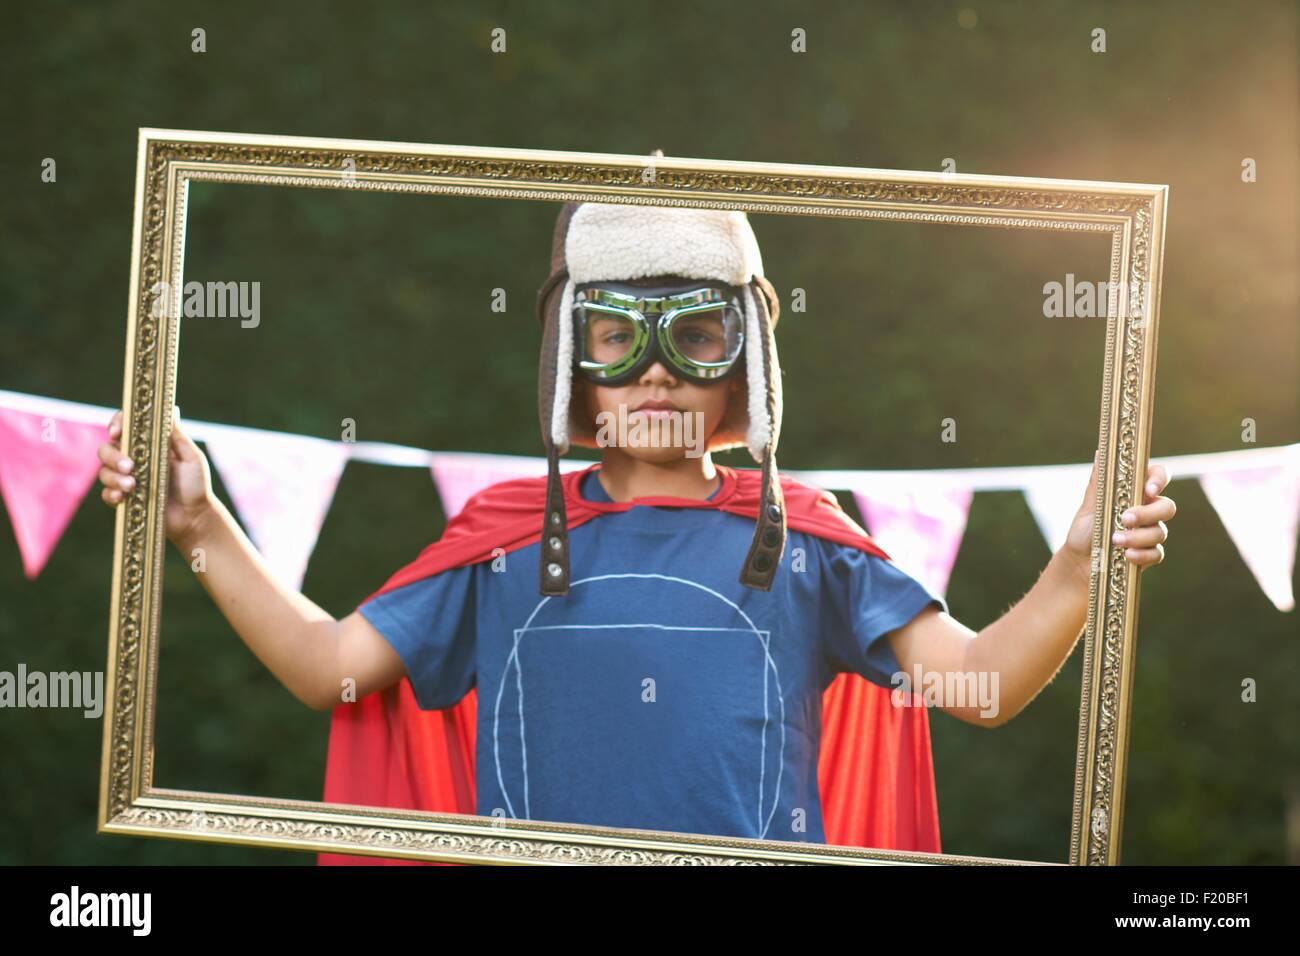 Porträt eines jungen Blick durch Bild Rahmen tragen Kap, Schutzbrille und fliegende Hut Stockbild